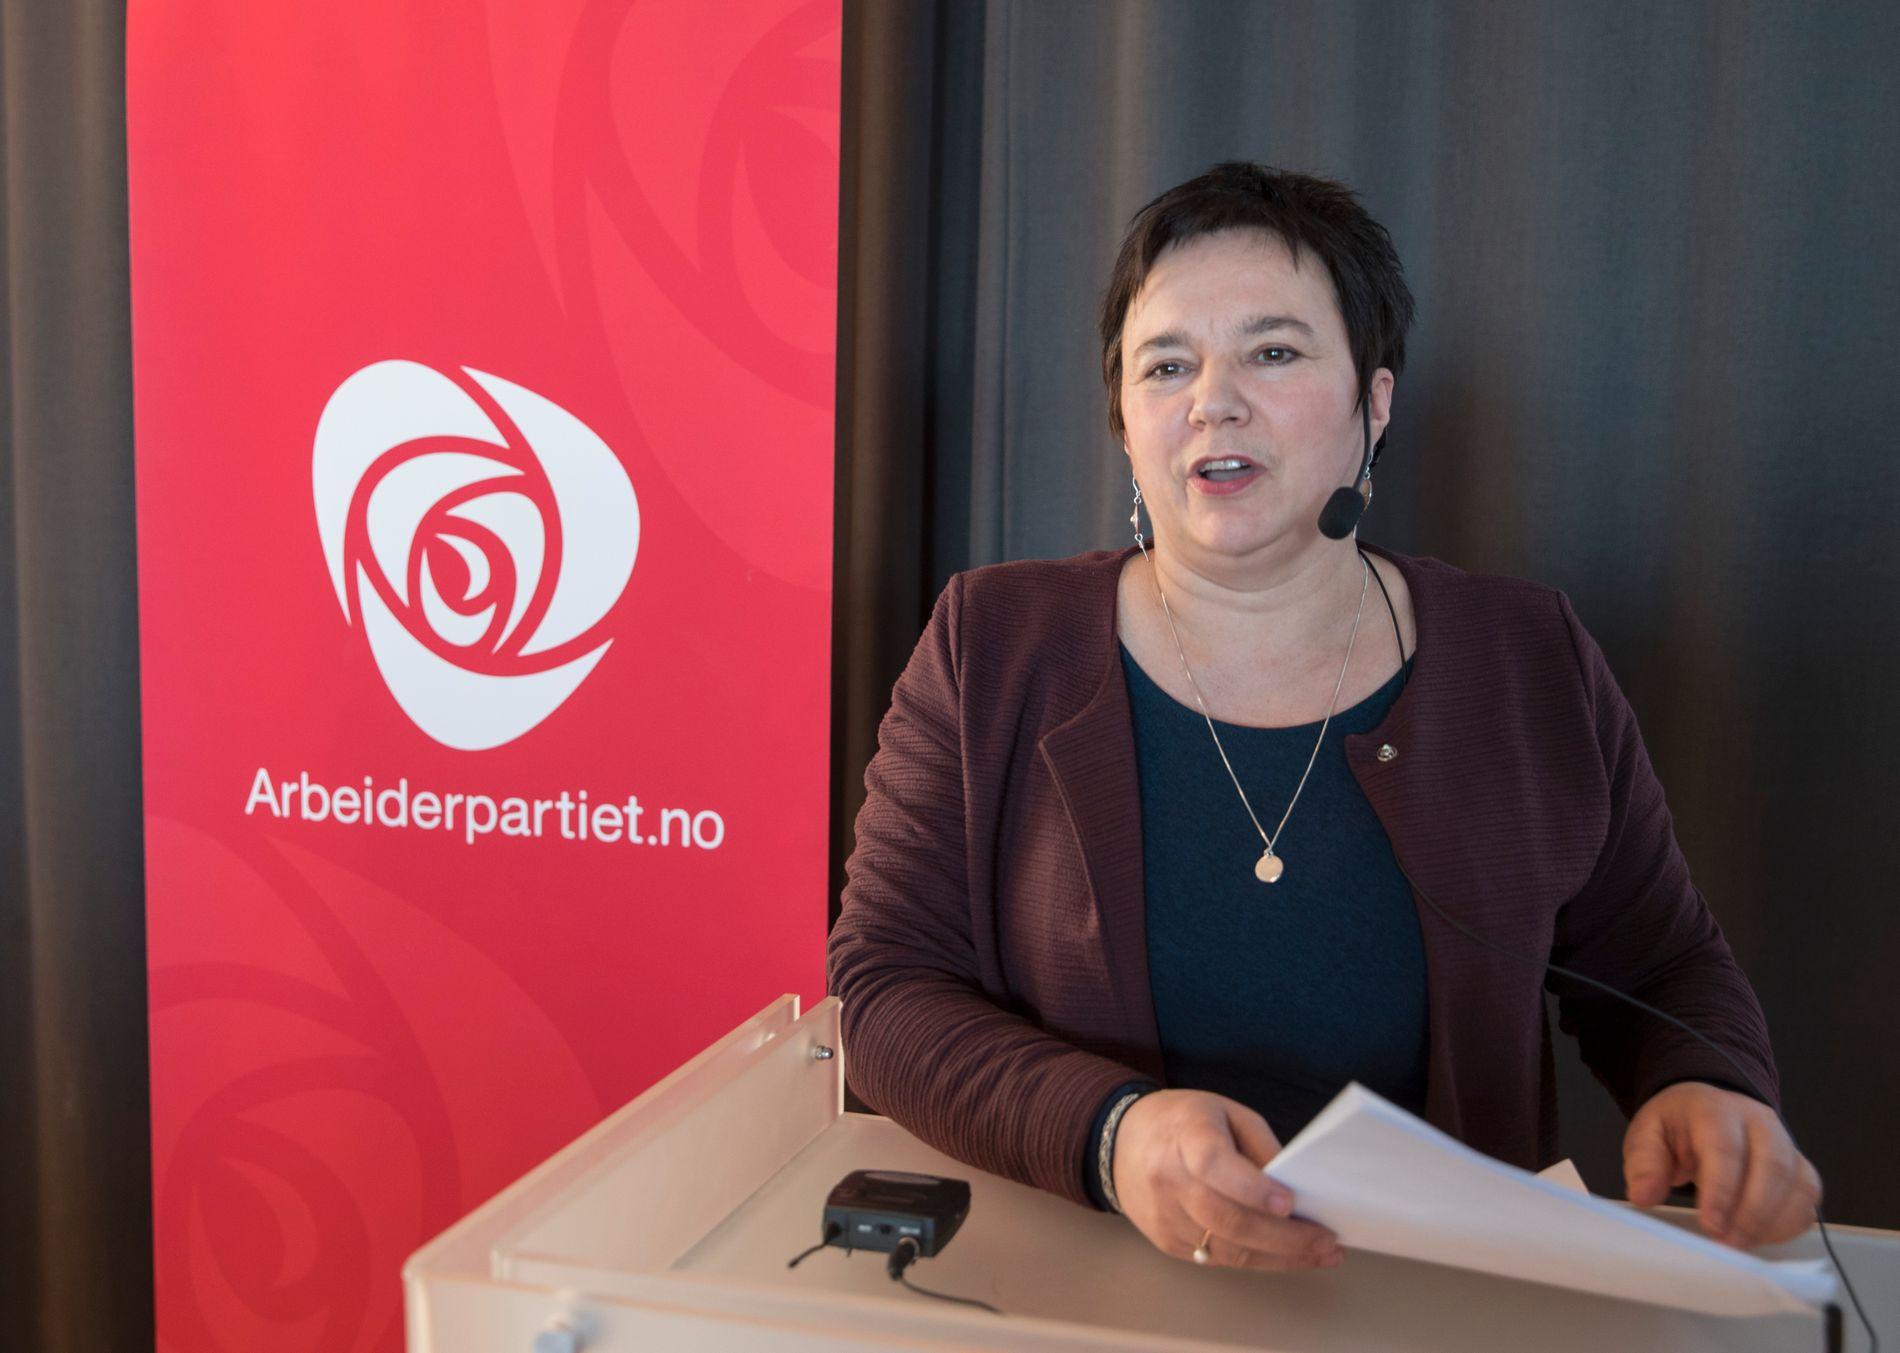 FINNMARK: Fylkesordfører Ragnhild Vassvik (Ap) mener folket må få bestemme selv hvorvidt de ønsker sammenslåing med Troms eller ikke.